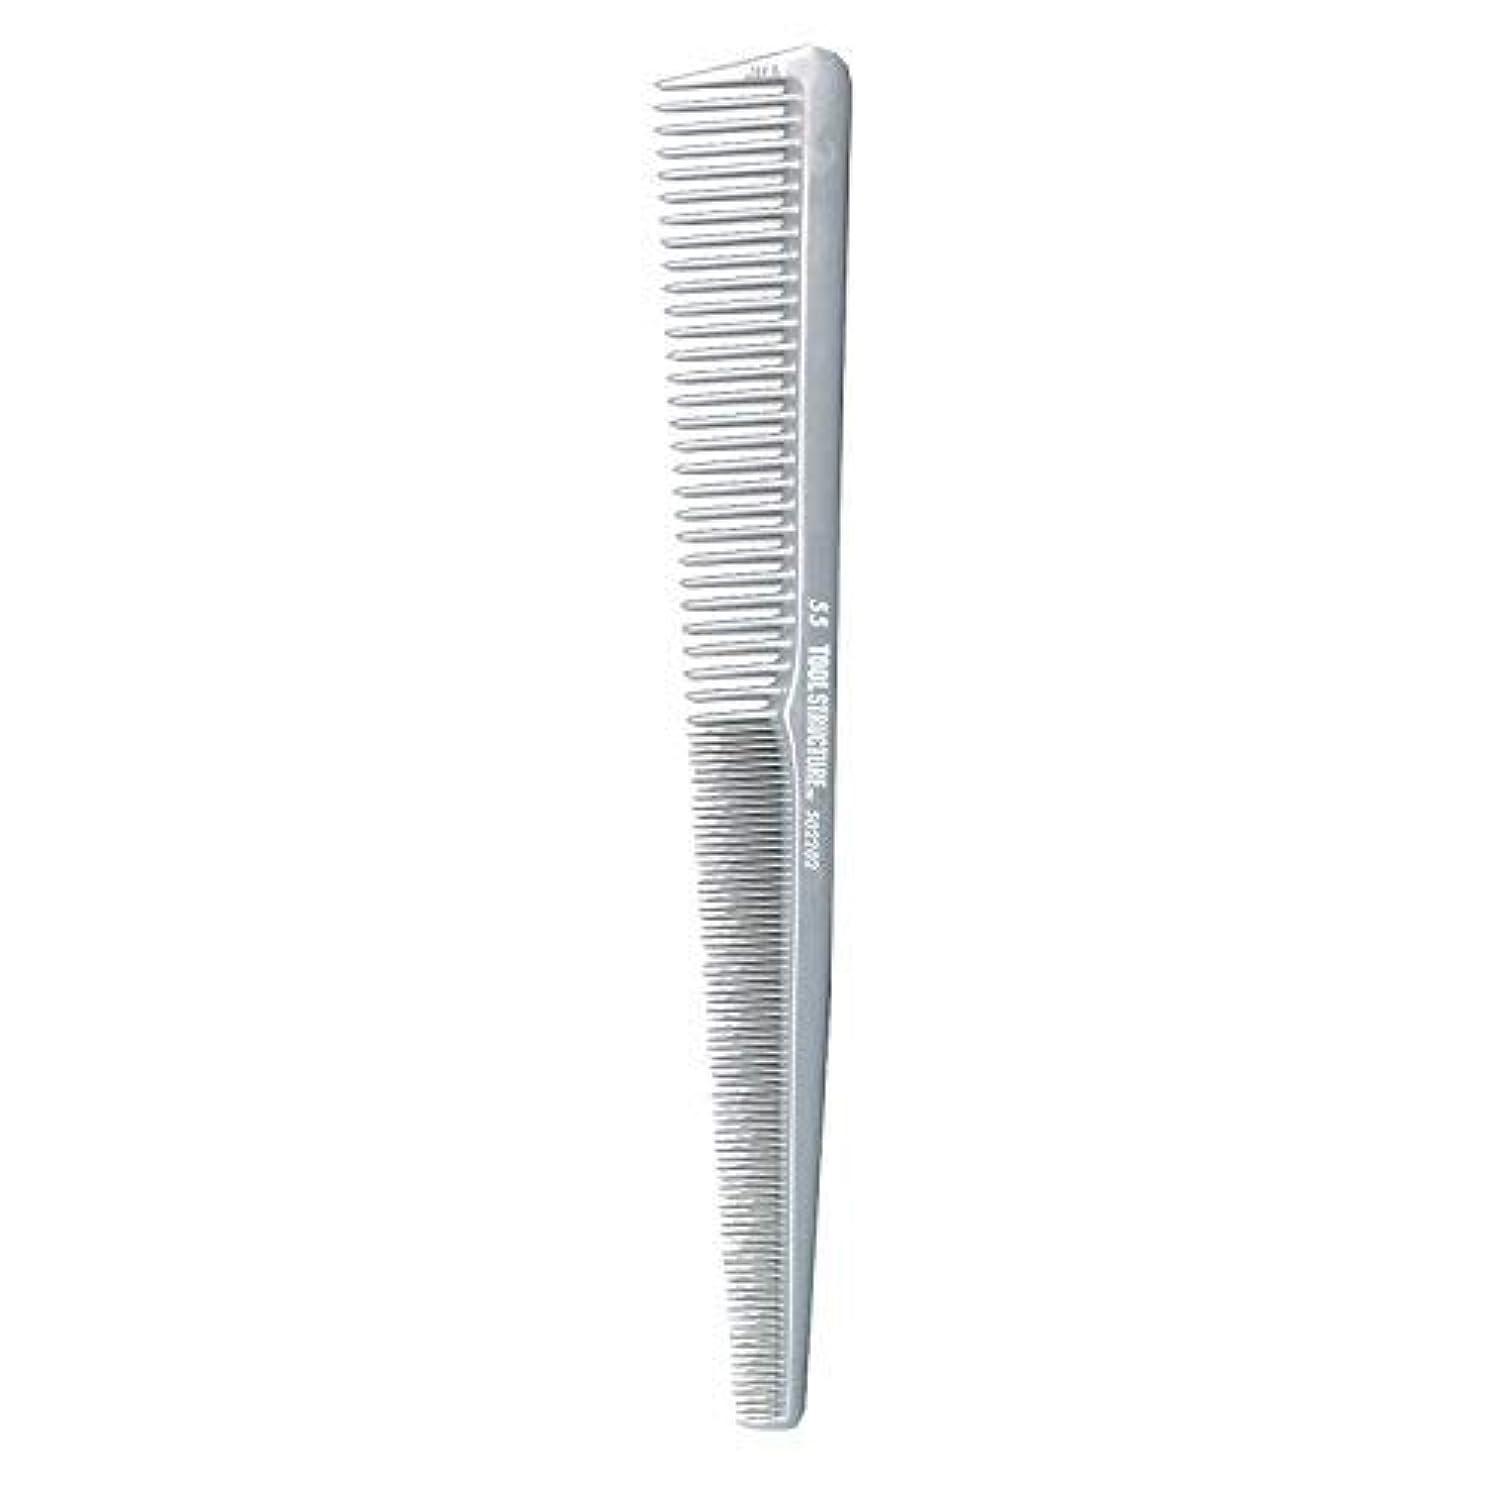 大腿繰り返す減少Tool Structure Barber Comb #55 [並行輸入品]